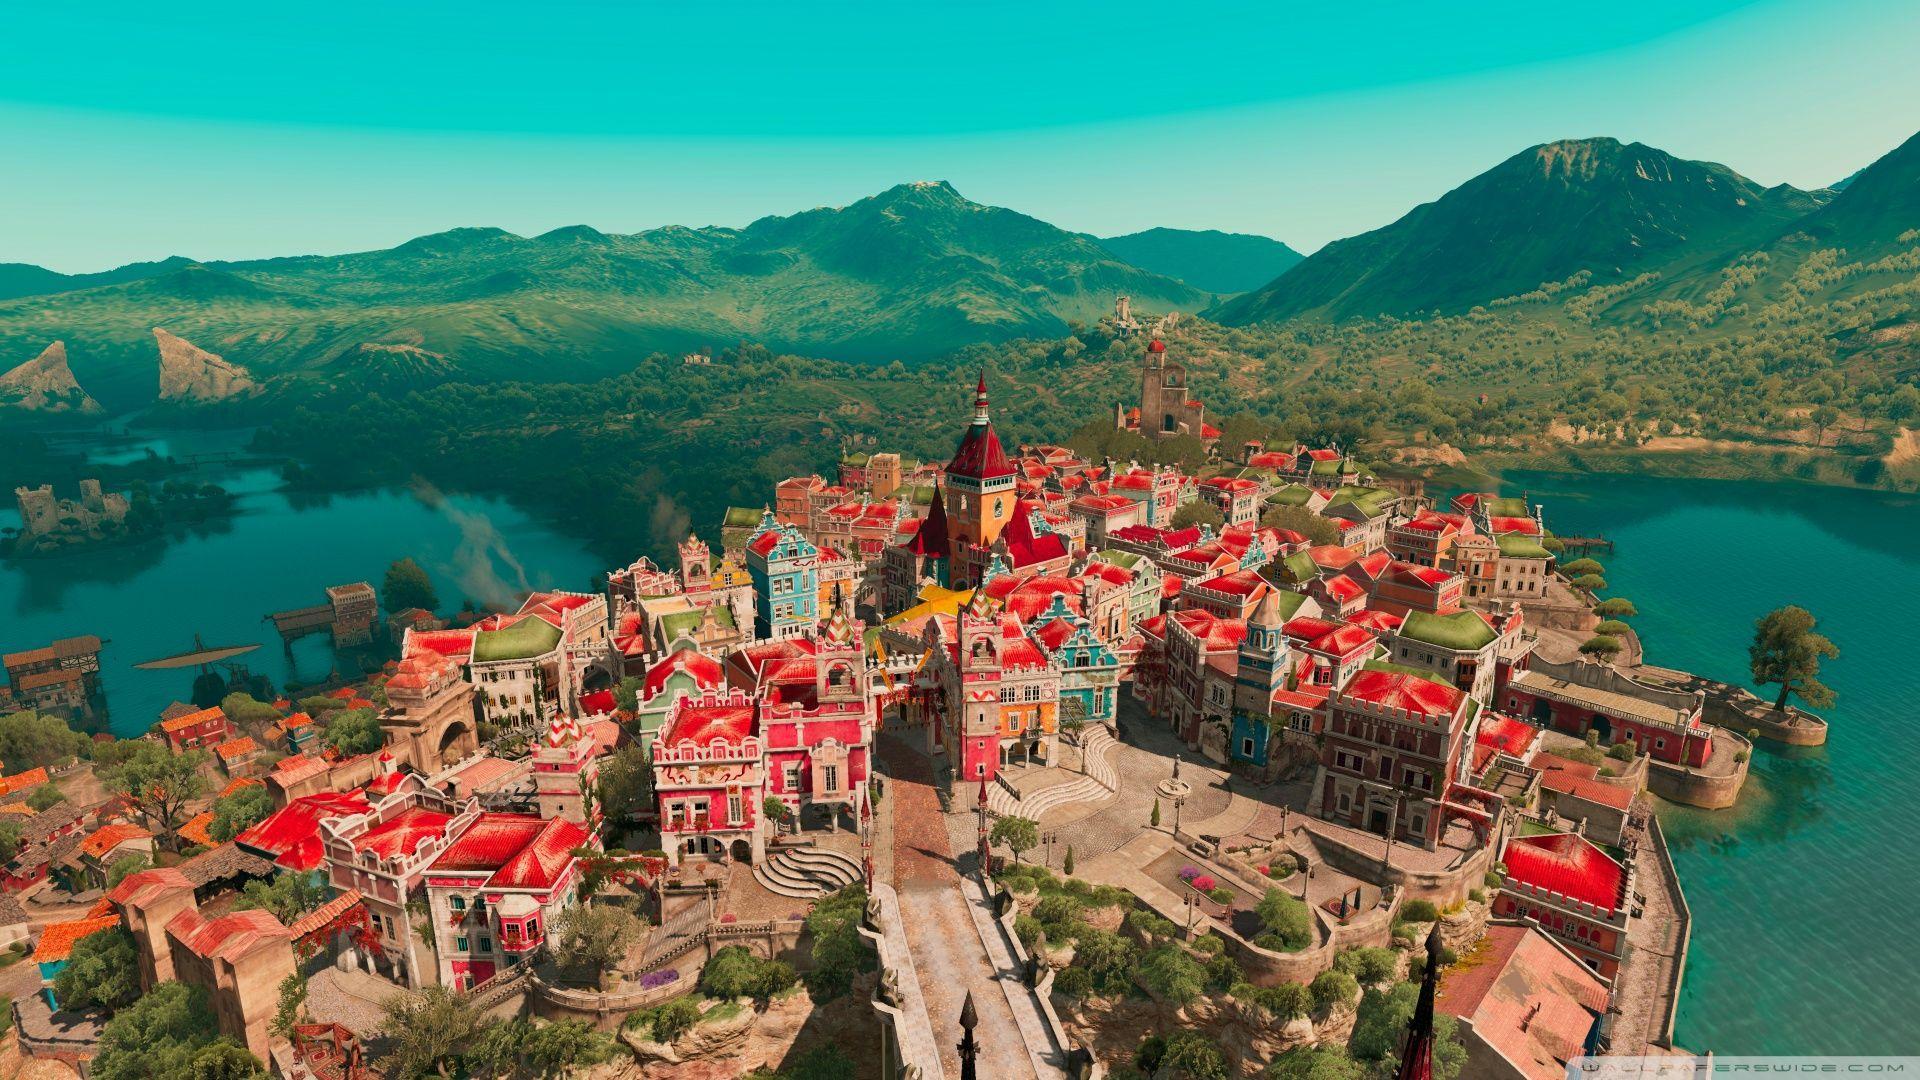 16K Ultra HD Landscape Wallpapers